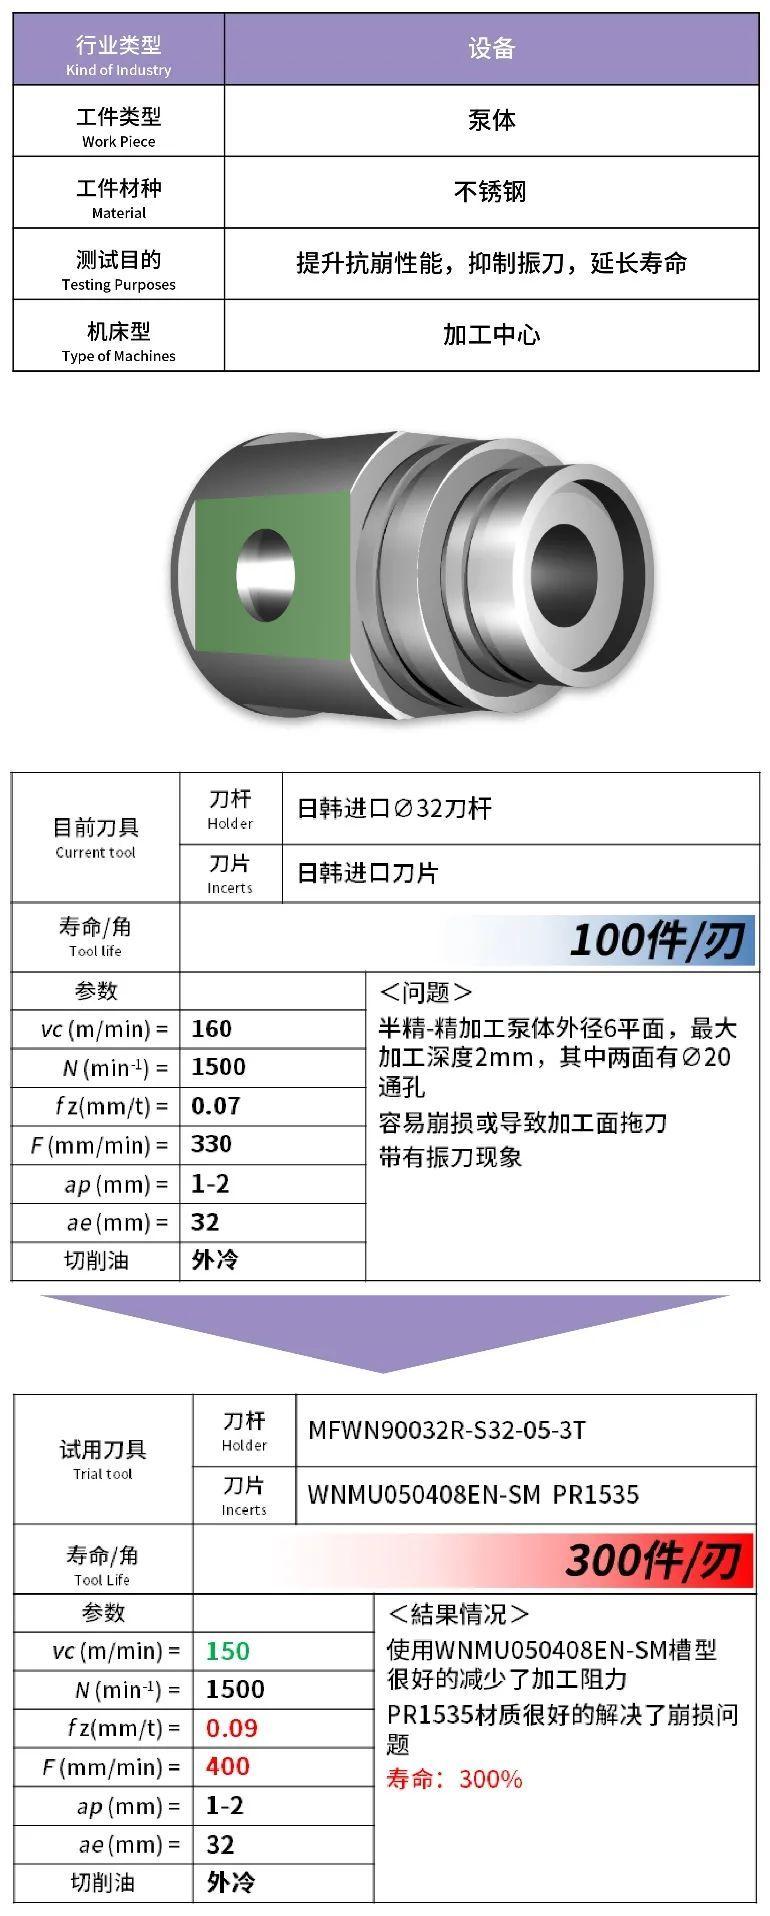 微信图片_20210205120403